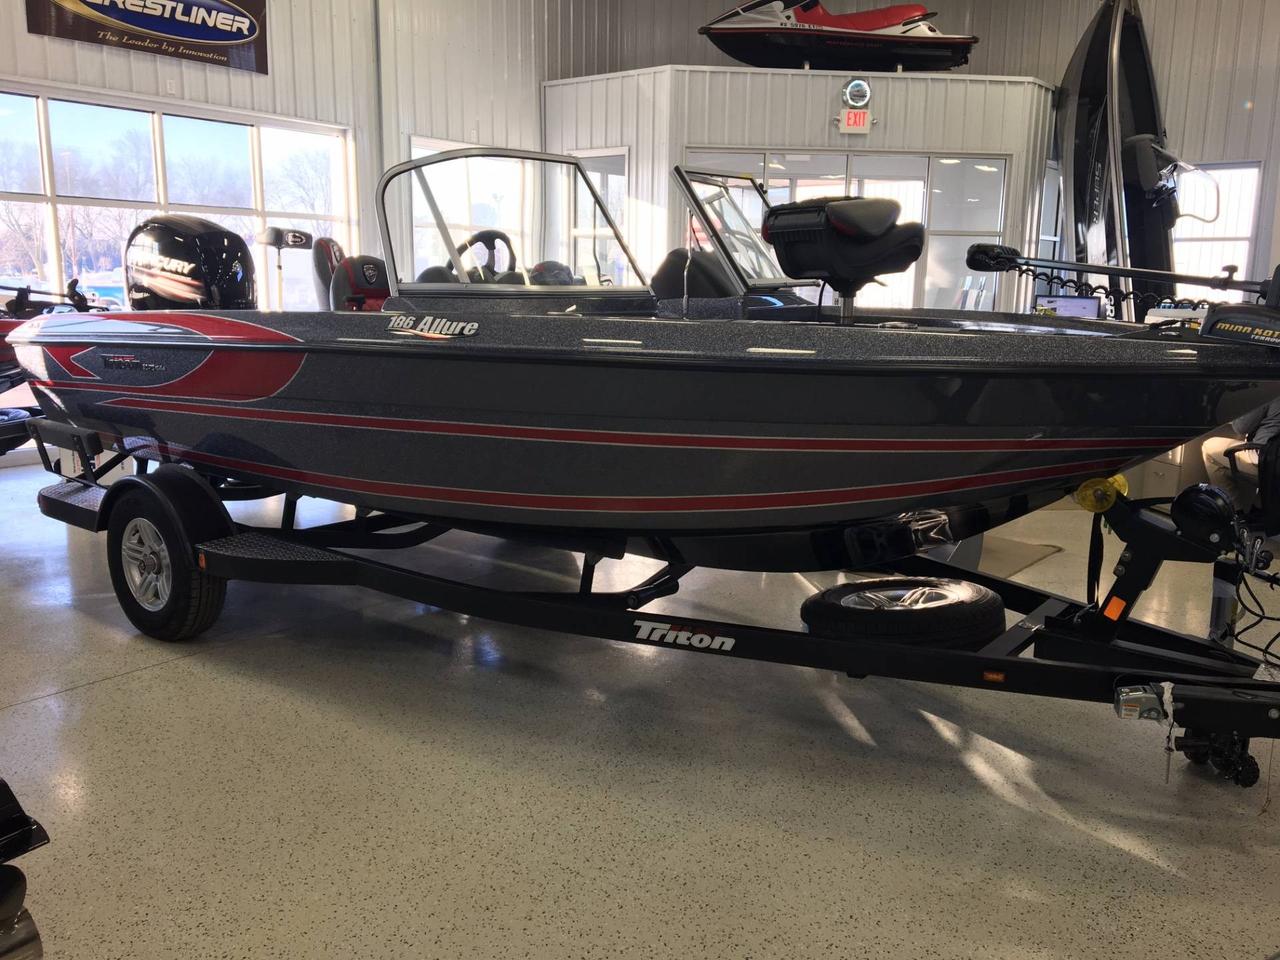 2017 new triton 186 allure ski and fish boat for sale for Triton fish and ski